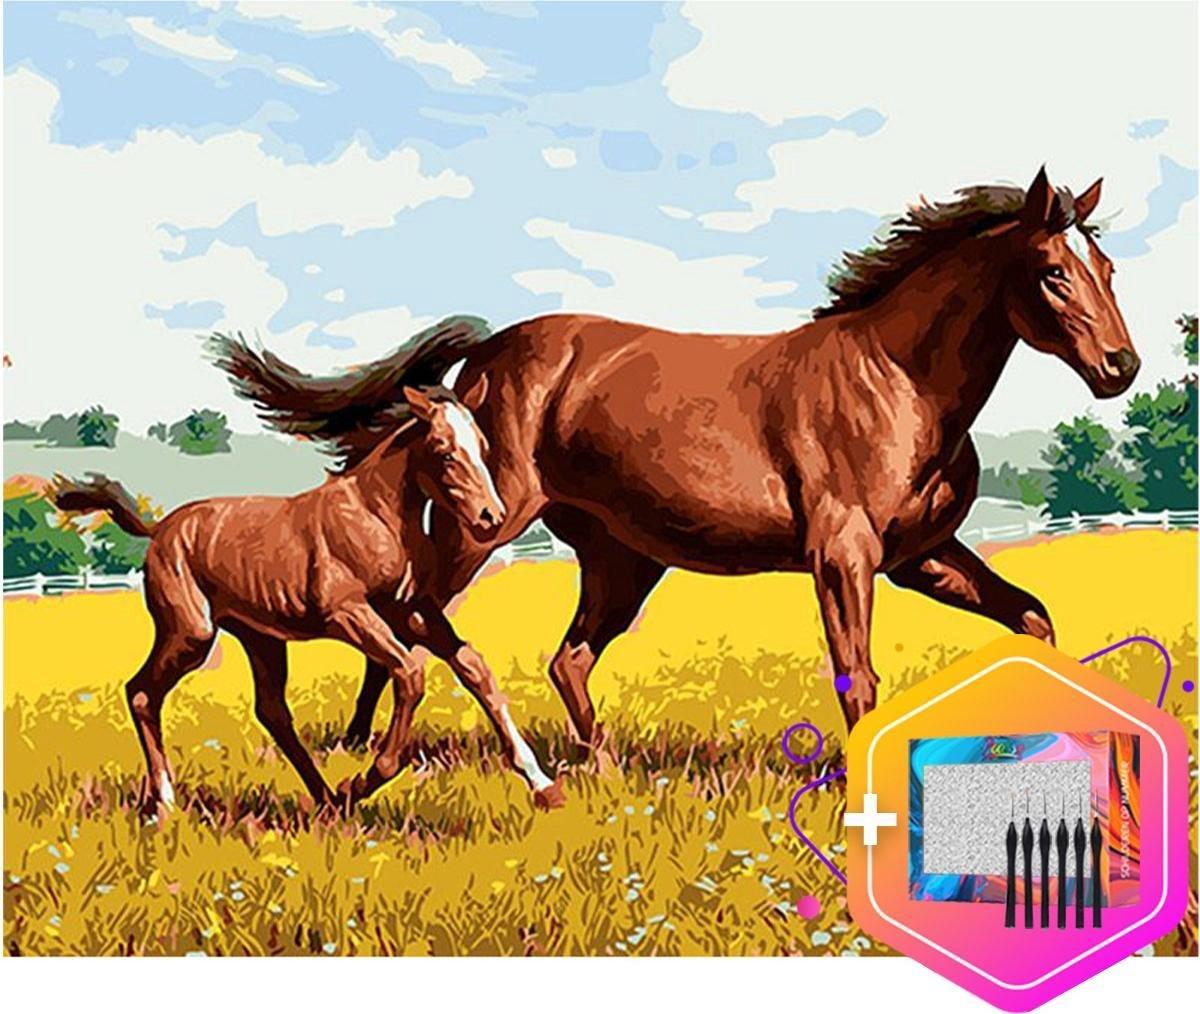 Pcasso ® Paard Veulen - Schilderen Op Nummer - Incl. 6 Ergonomische Penselen En Geschenkverpakking - Schilderen Op Nummer Paard - Schilderen Op Nummer Dieren - Schilderen Op Nummer Volwassenen - Canvas Schilderdoek - Kleuren Op Nummer - 40x50 cm -